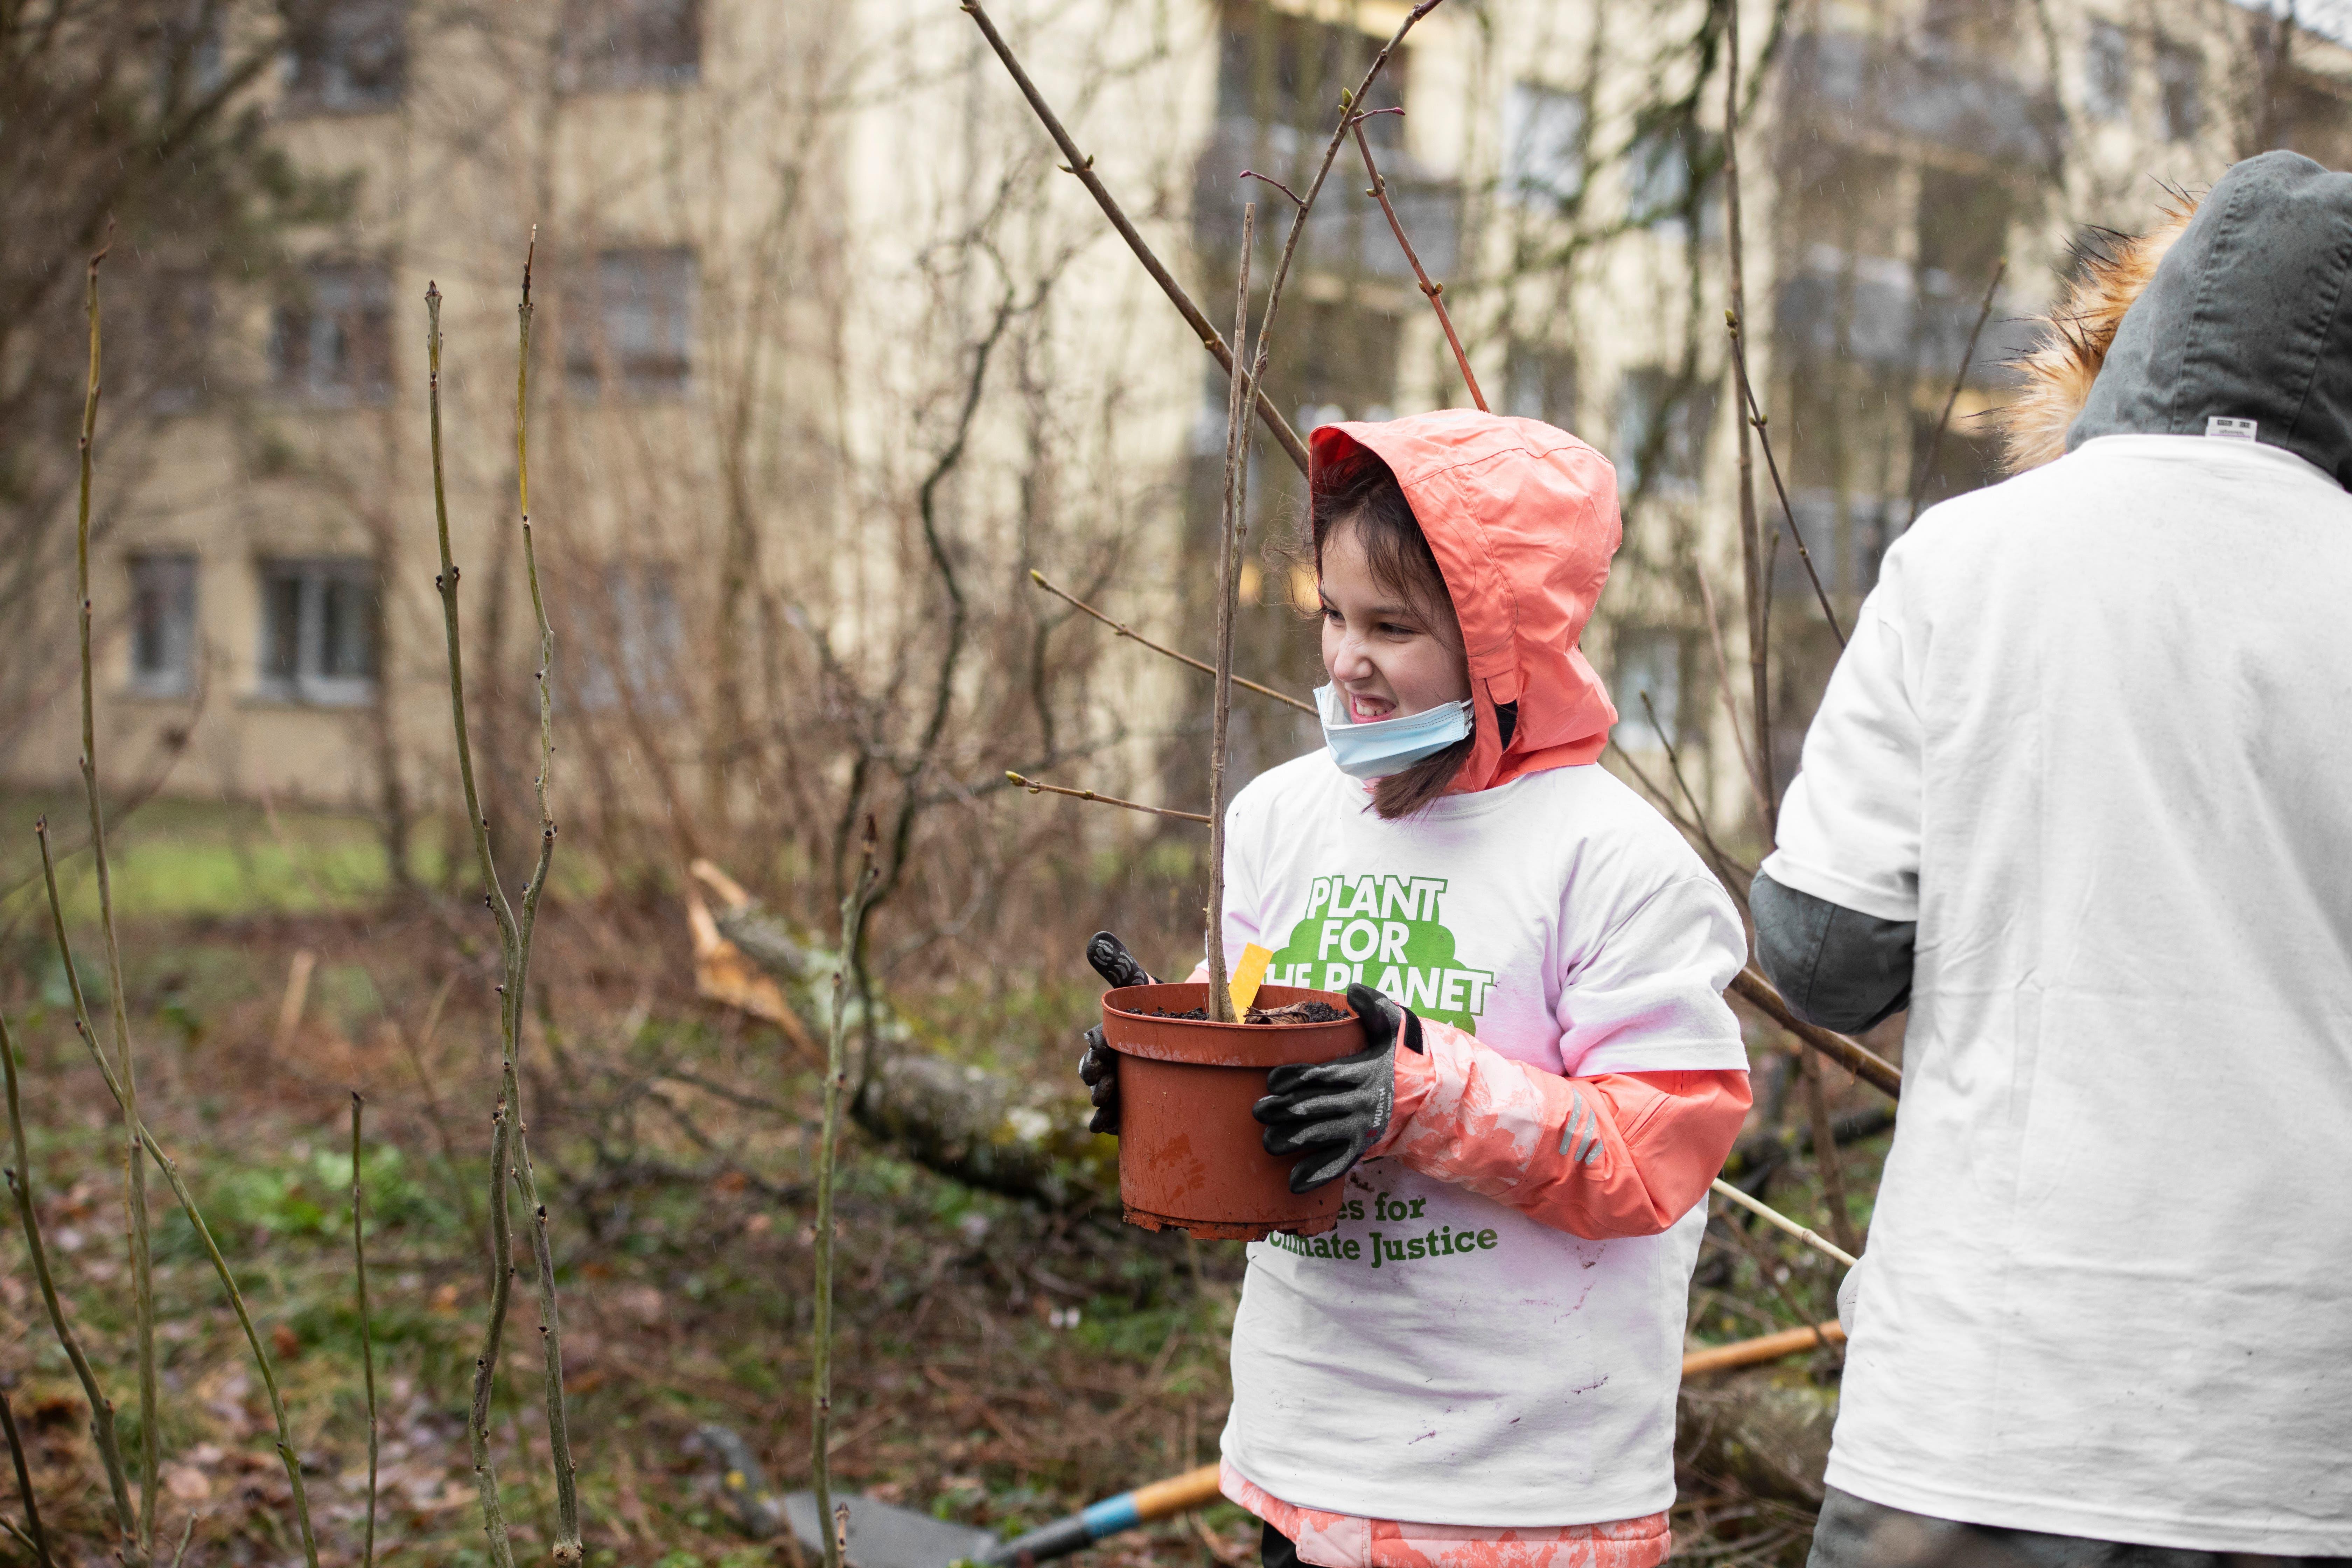 Einen Beitrag an die Zukunft: Die Schülerinnen und Schüler sind mit Elan am Pflanzen.